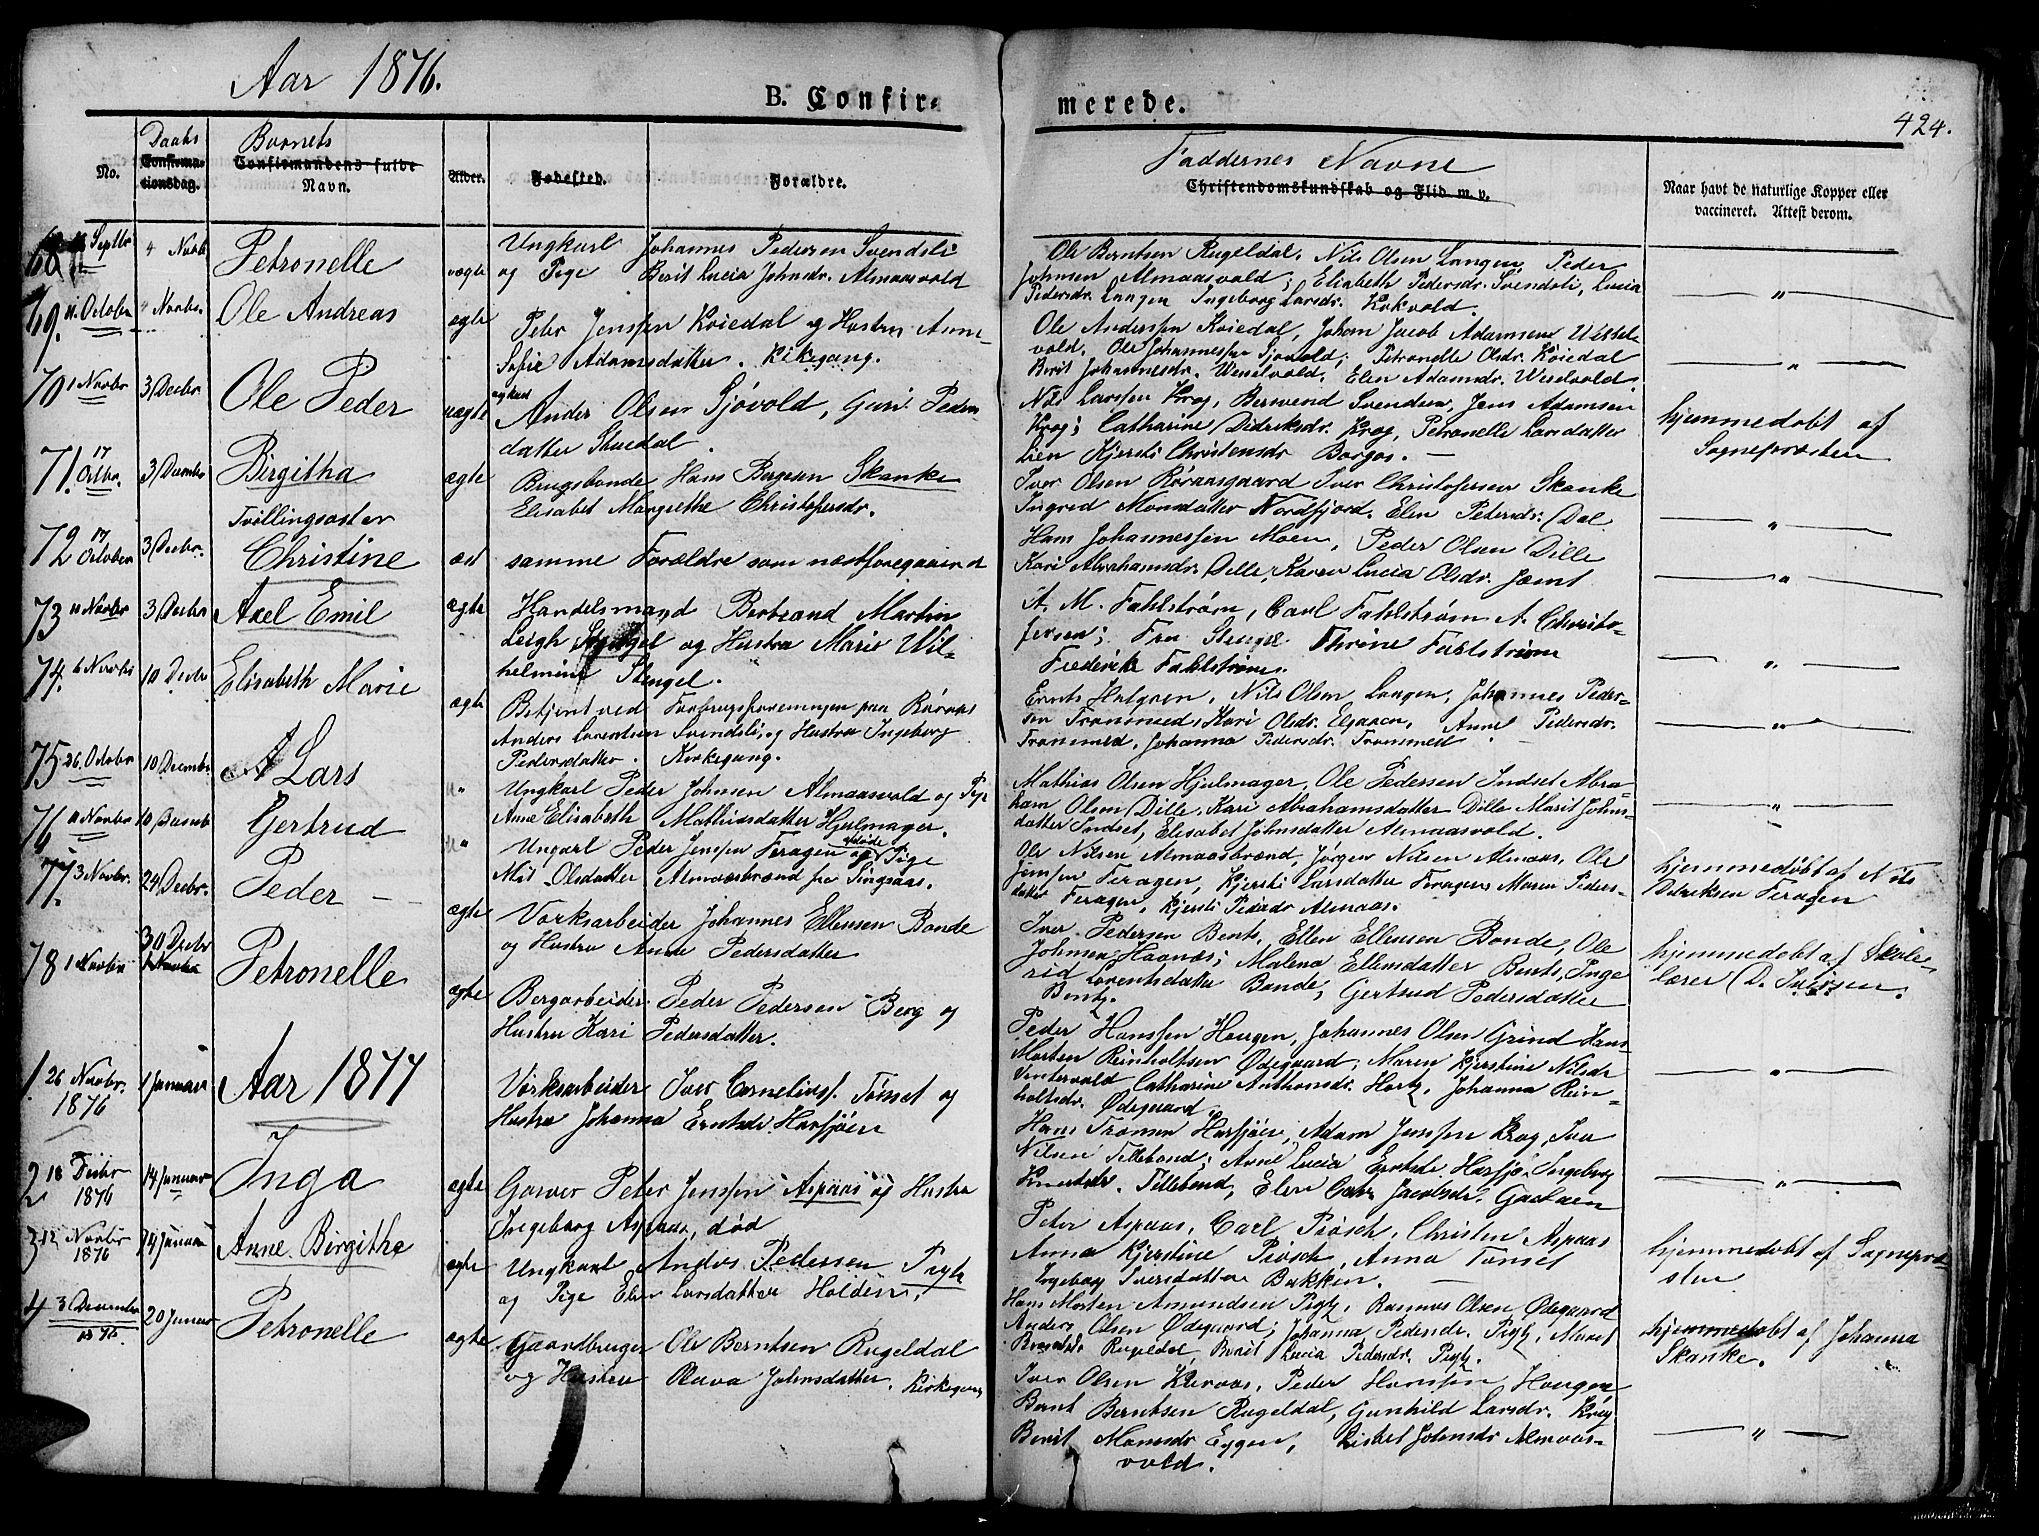 SAT, Ministerialprotokoller, klokkerbøker og fødselsregistre - Sør-Trøndelag, 681/L0938: Klokkerbok nr. 681C02, 1829-1879, s. 424